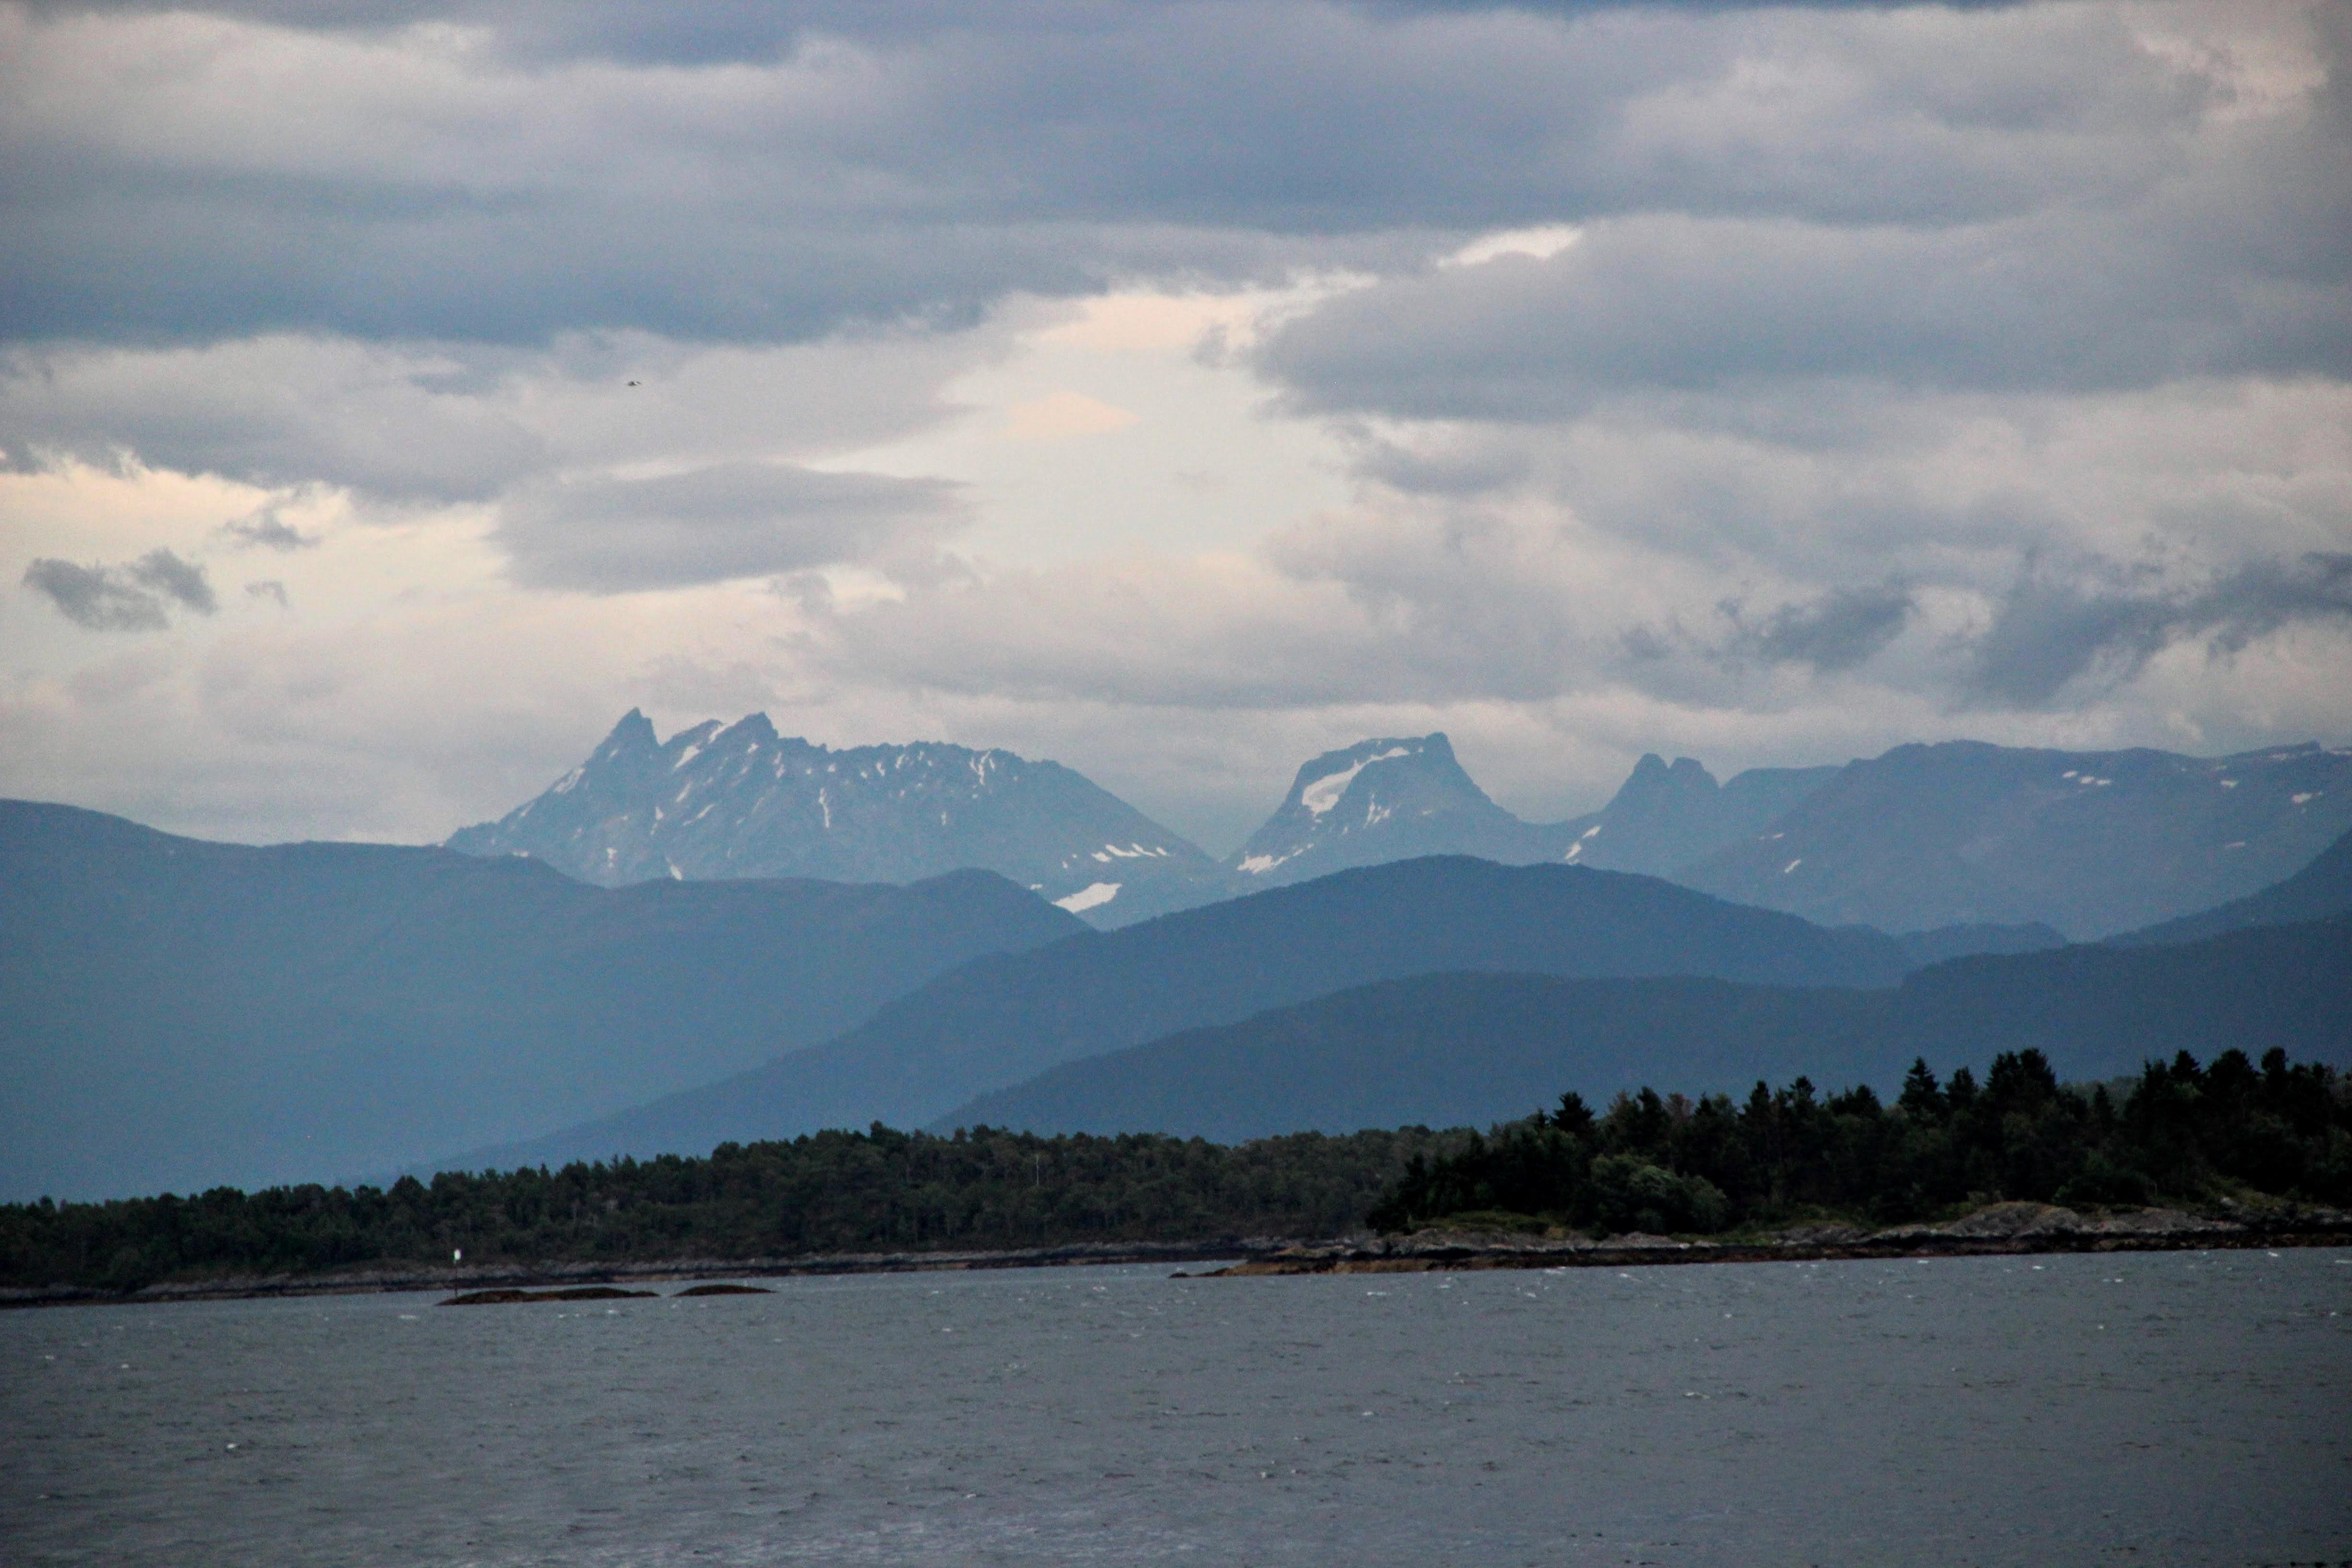 Au centre, le Romsdalhorn (1550 m)